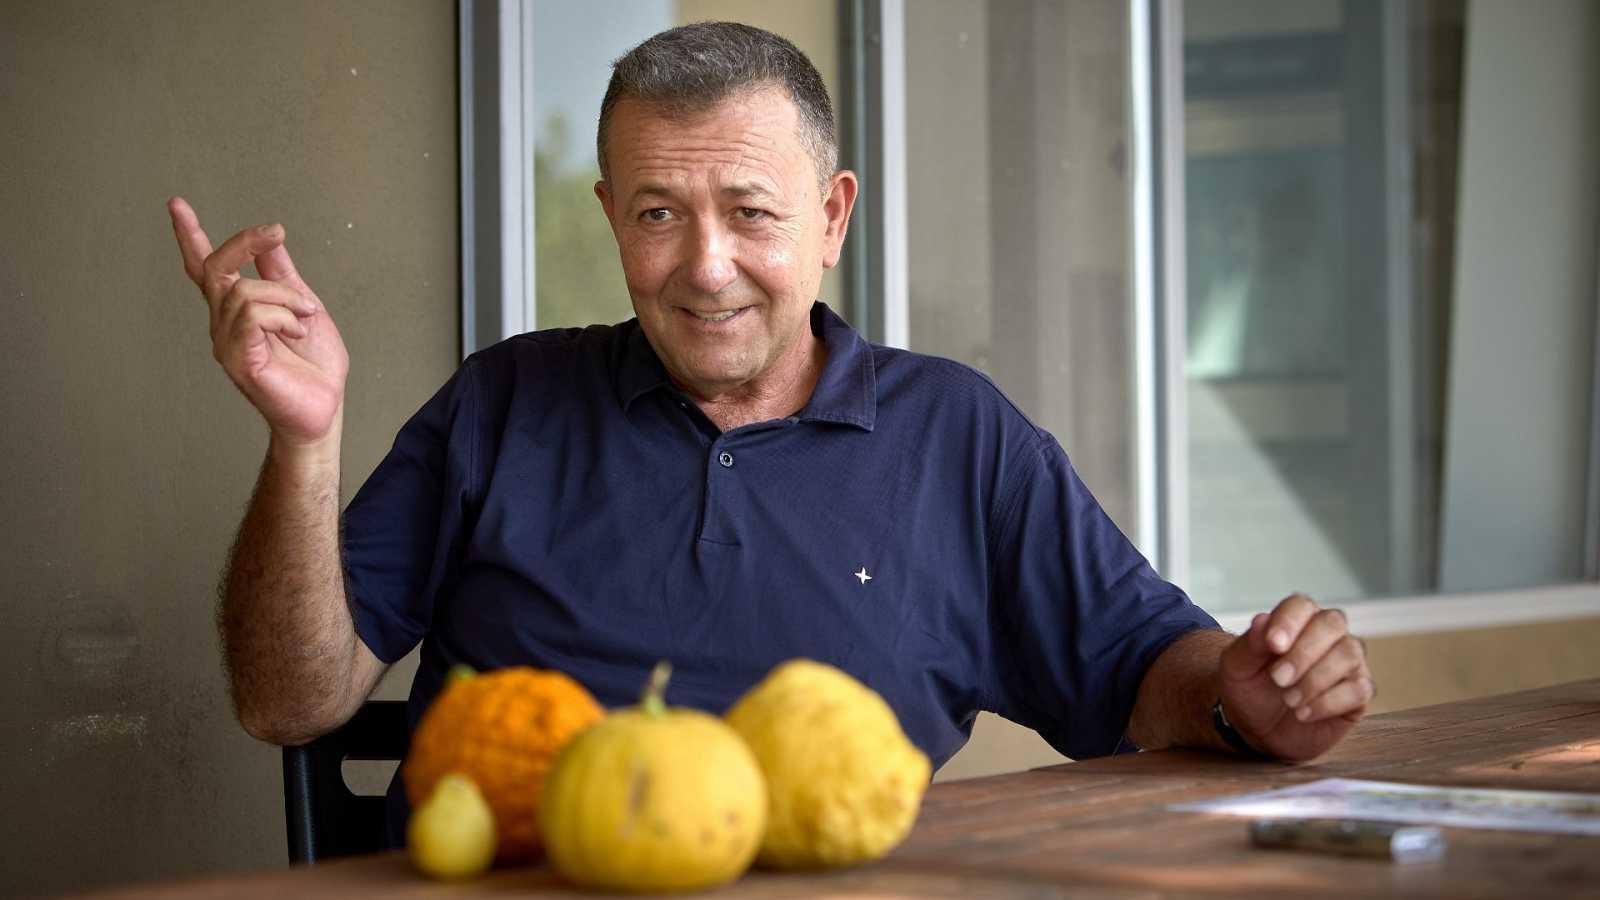 El ojo crítico - Arte y naranjas con Vicente Todolí - 03/11/20 - escuchar ahora